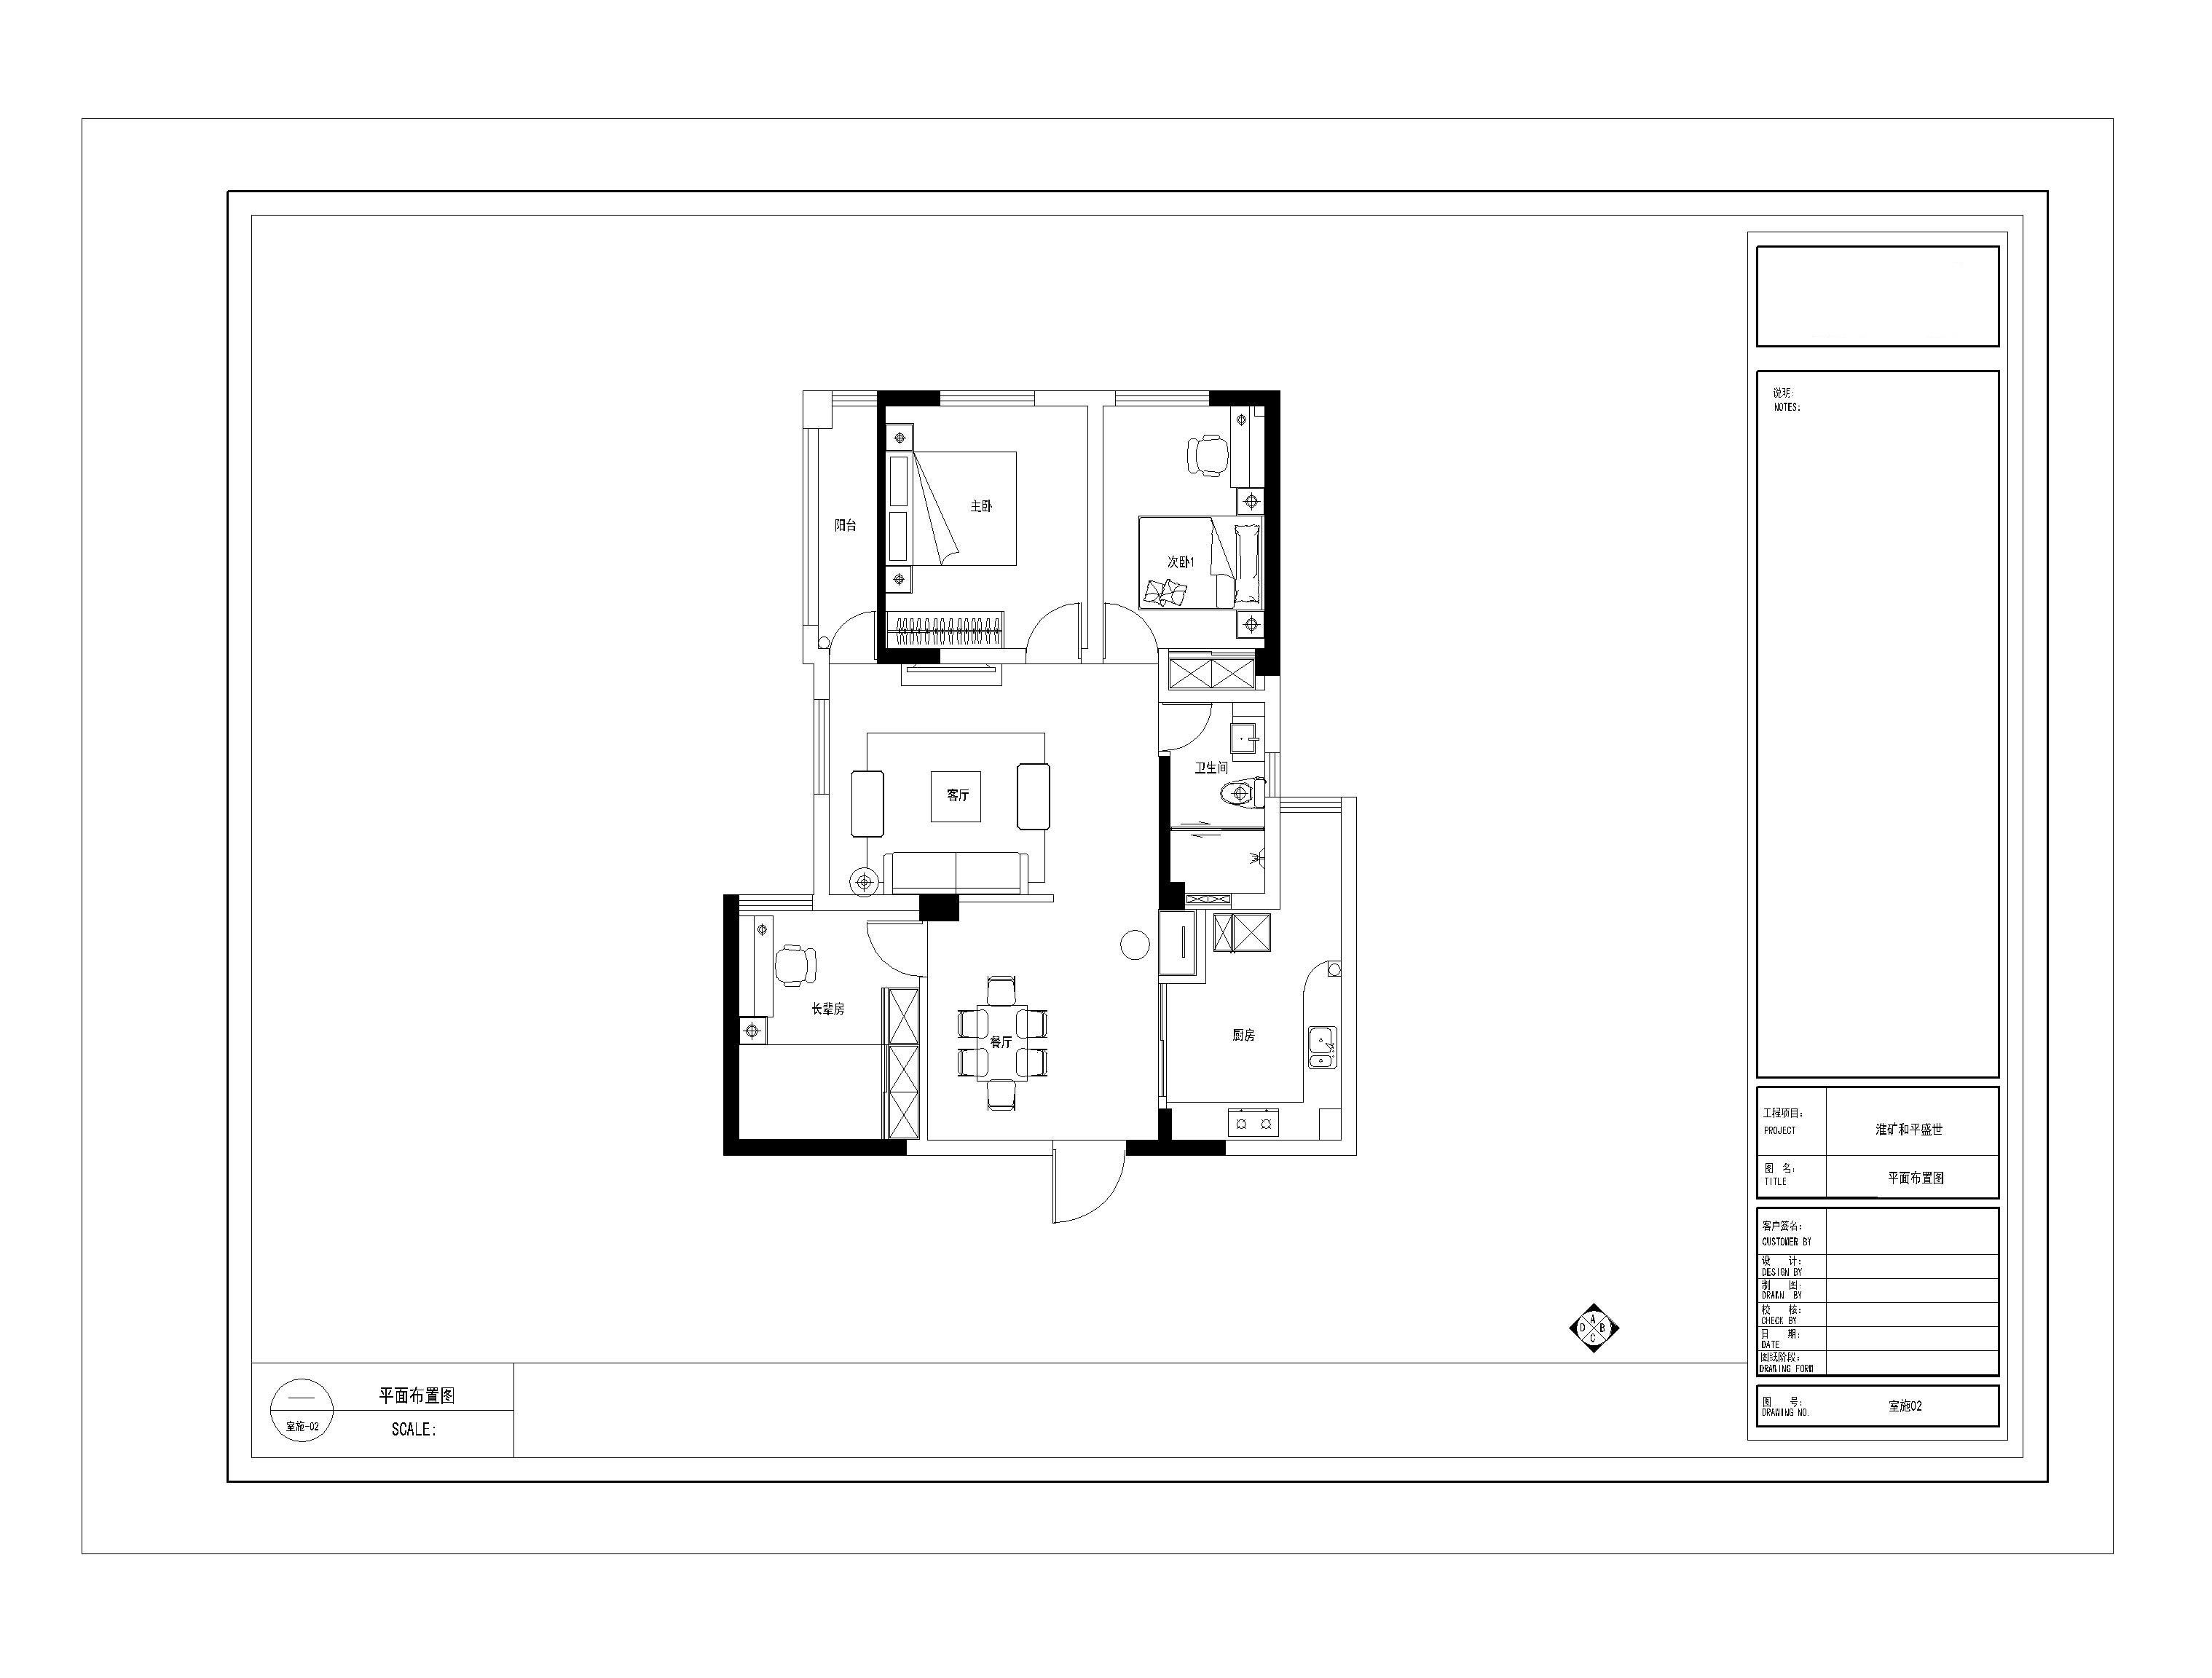 欧式 简欧风格 三居 和平盛世 户型图图片来自合肥川豪装饰装修在和平盛世118平米现代简欧风格的分享